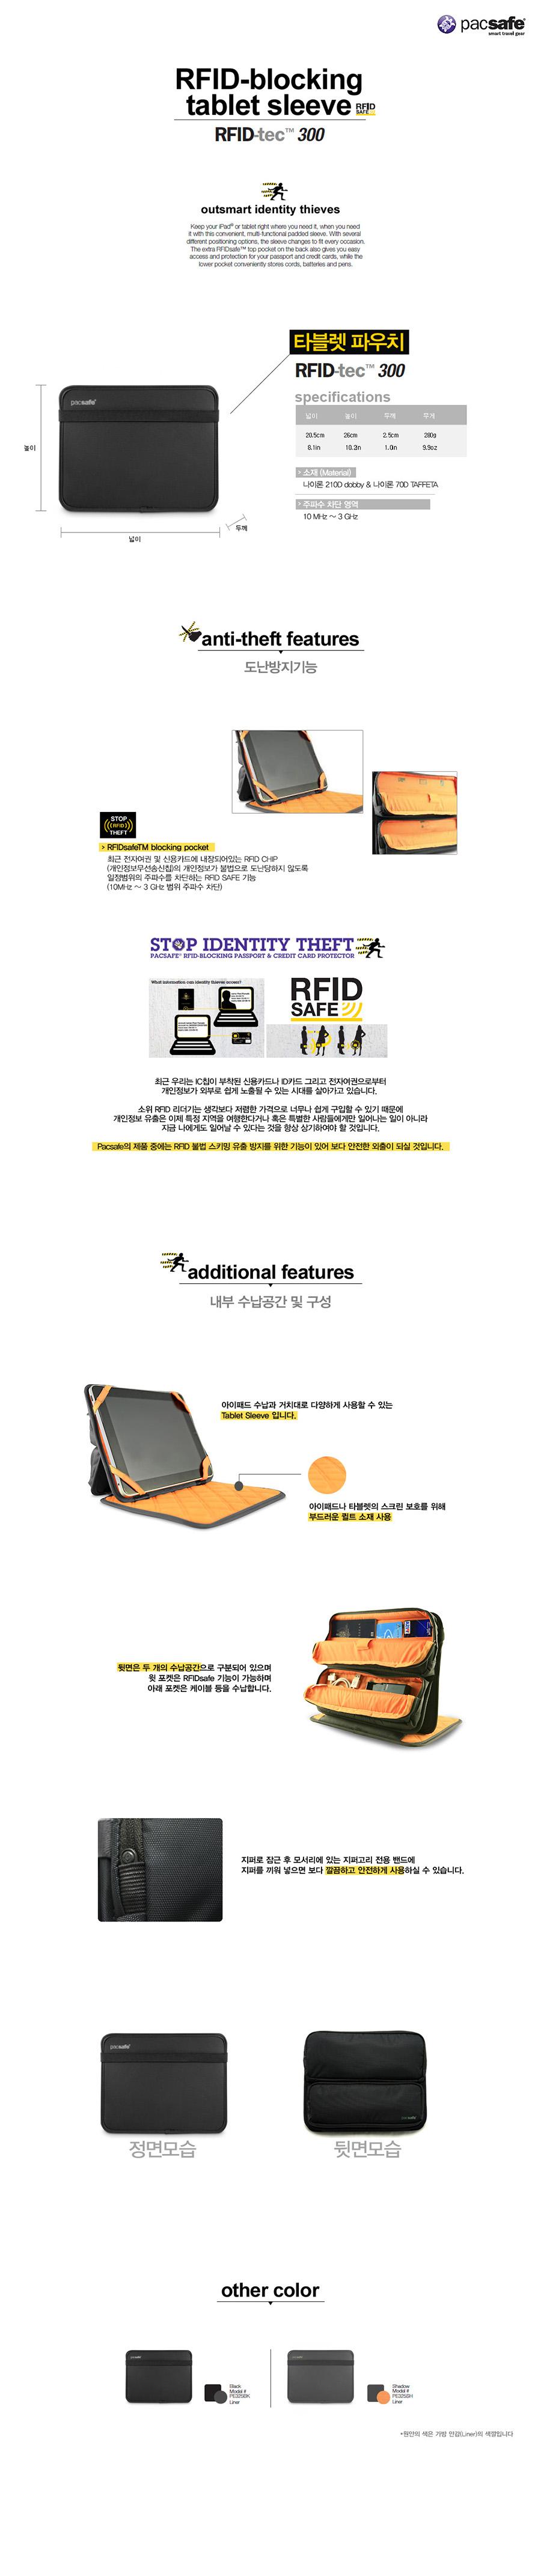 [팩세이프]RFID-tec 300 Shadow